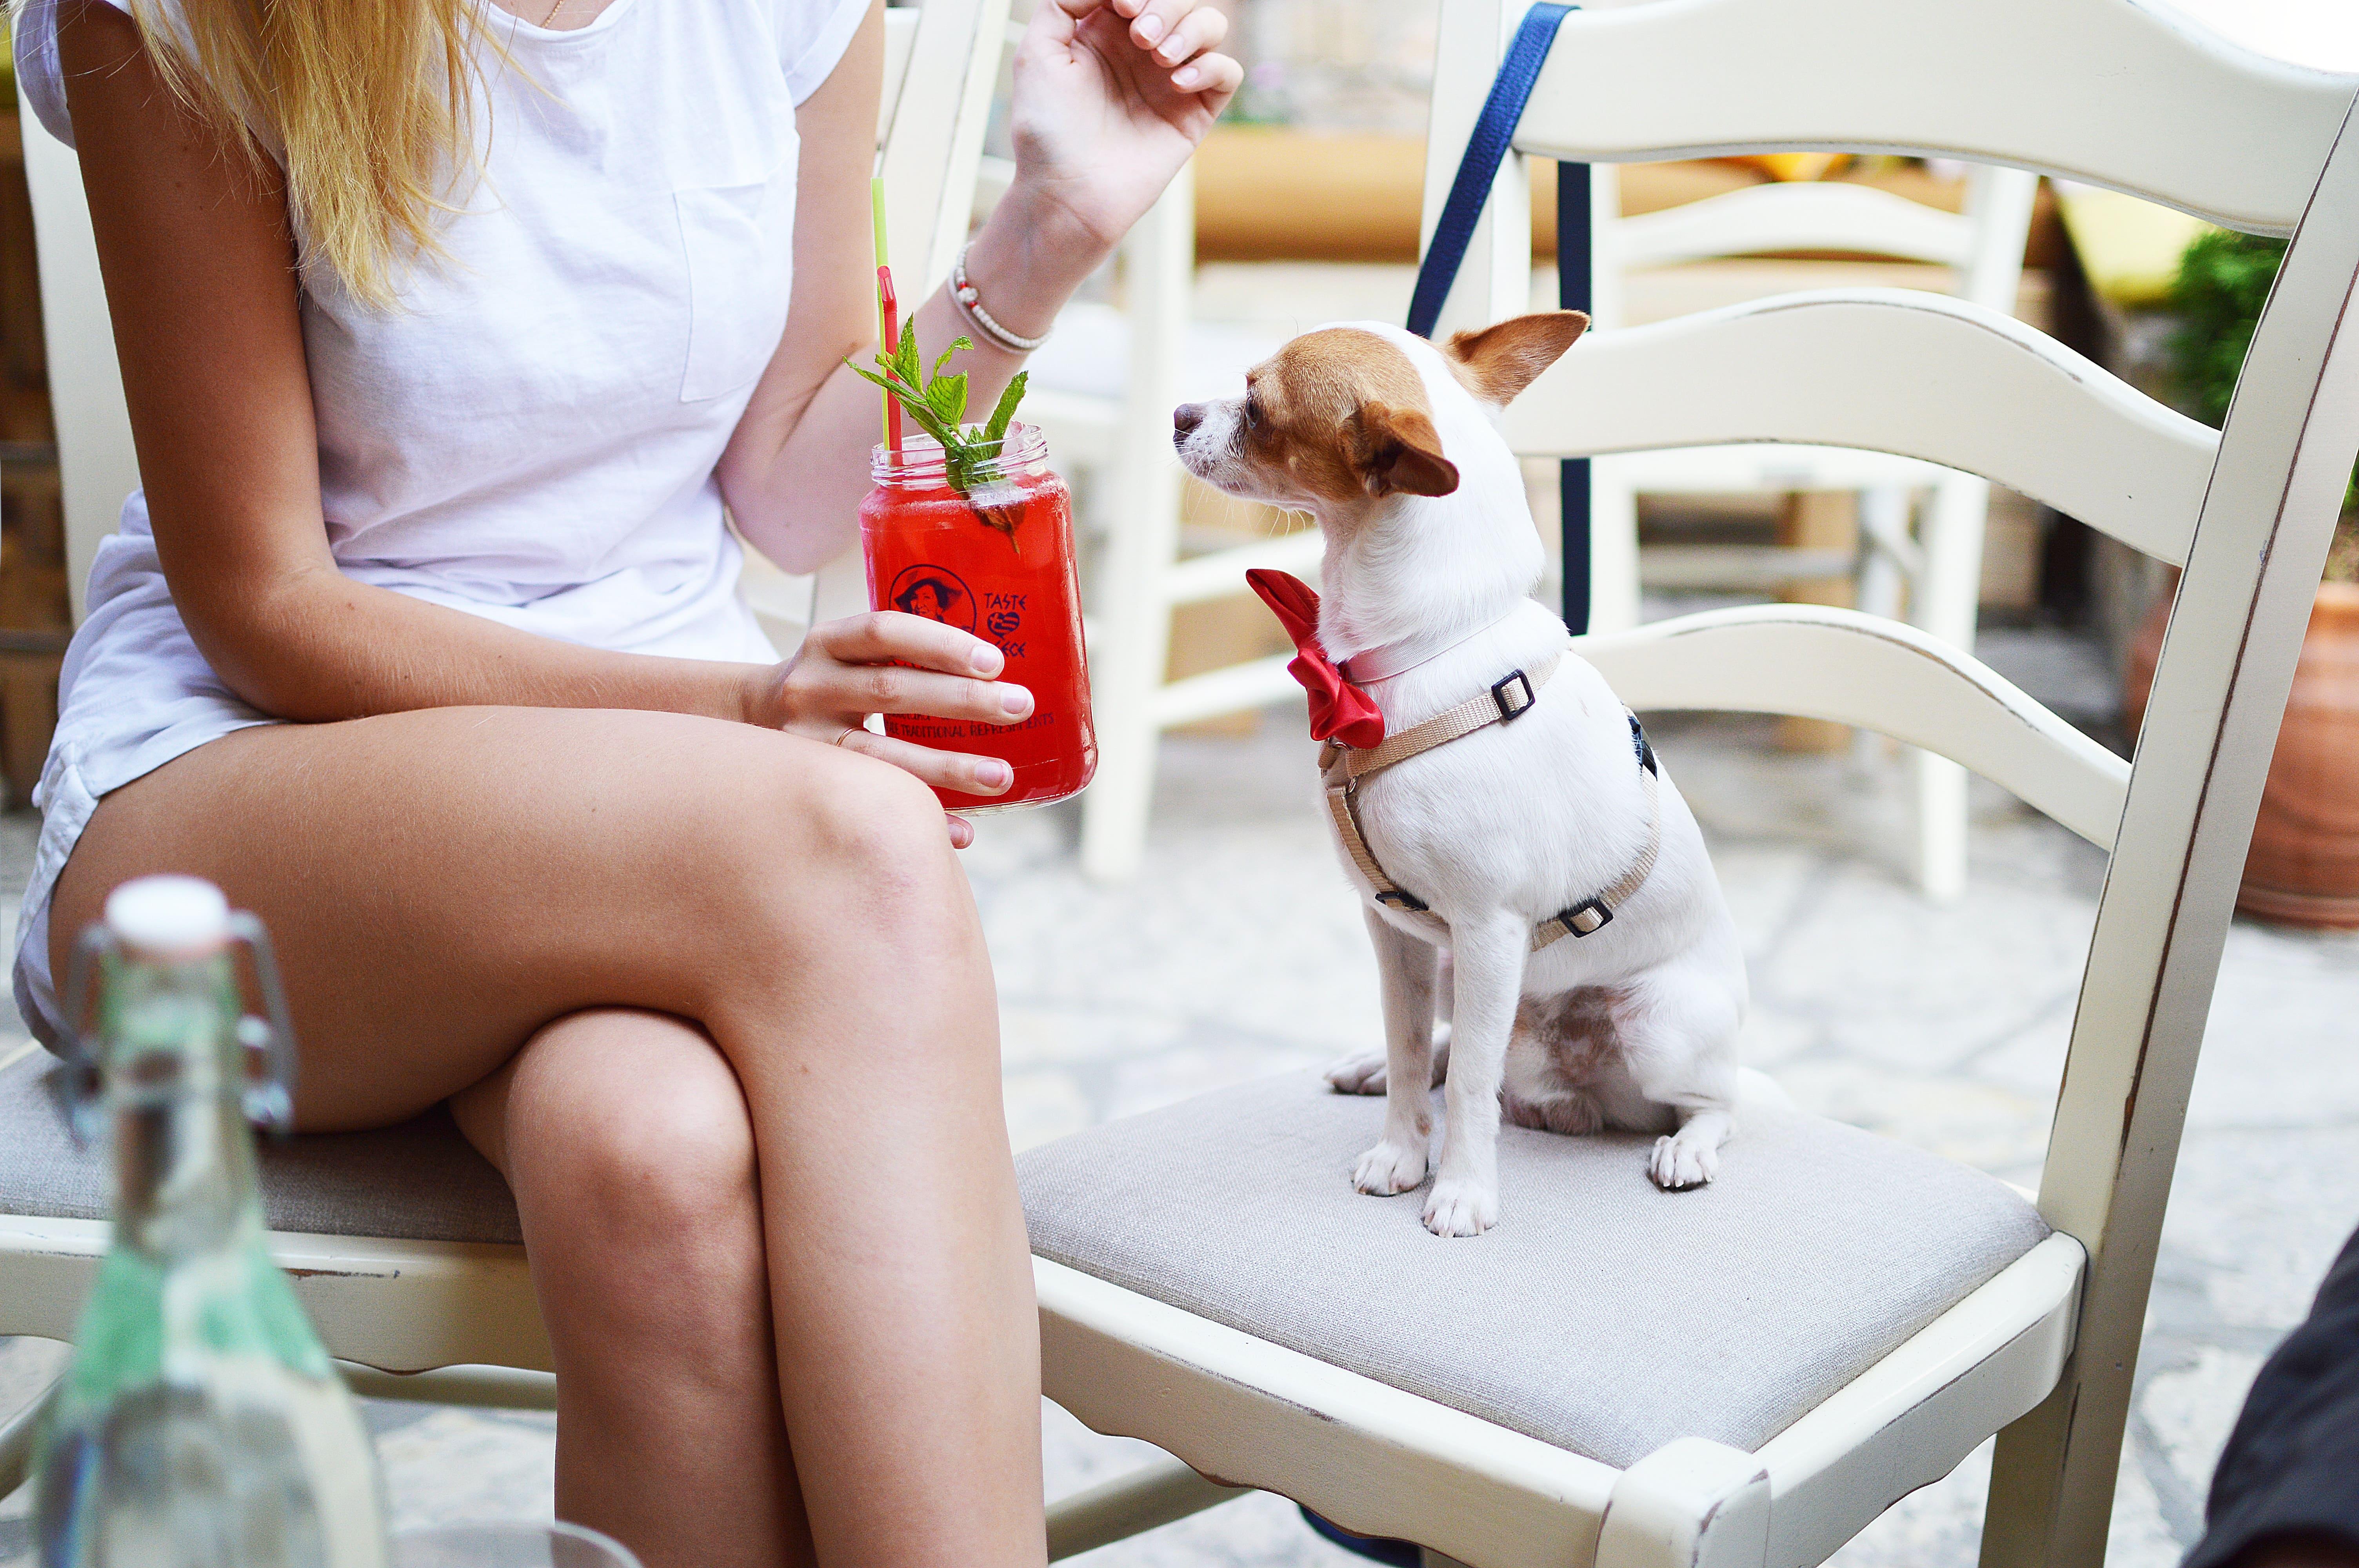 可嘗試教導小型犬坐下、趴下、等待、安靜等習慣,避免突發危險